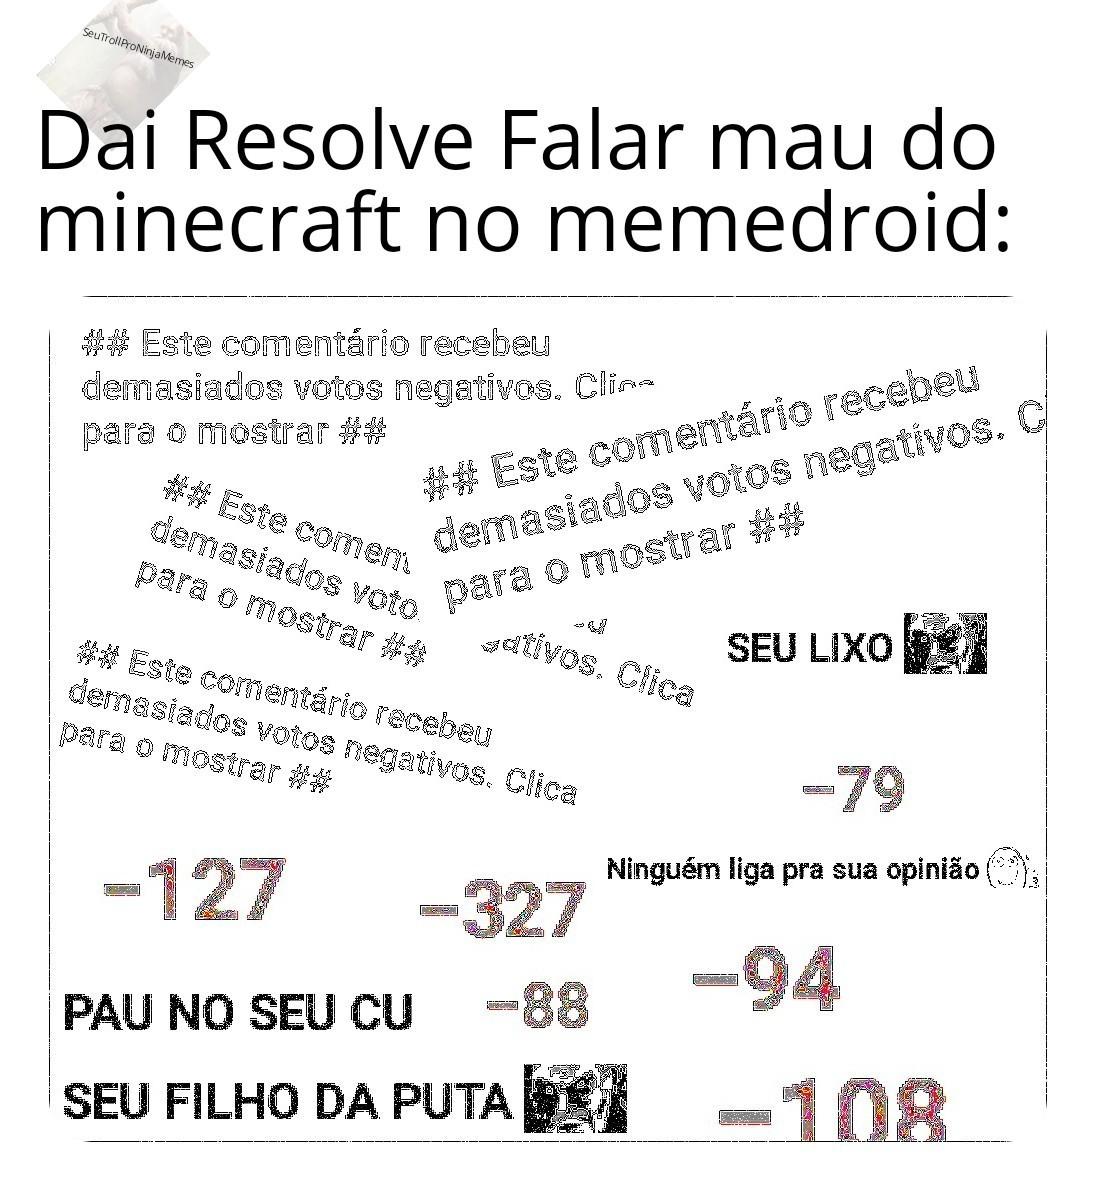 Calma - meme